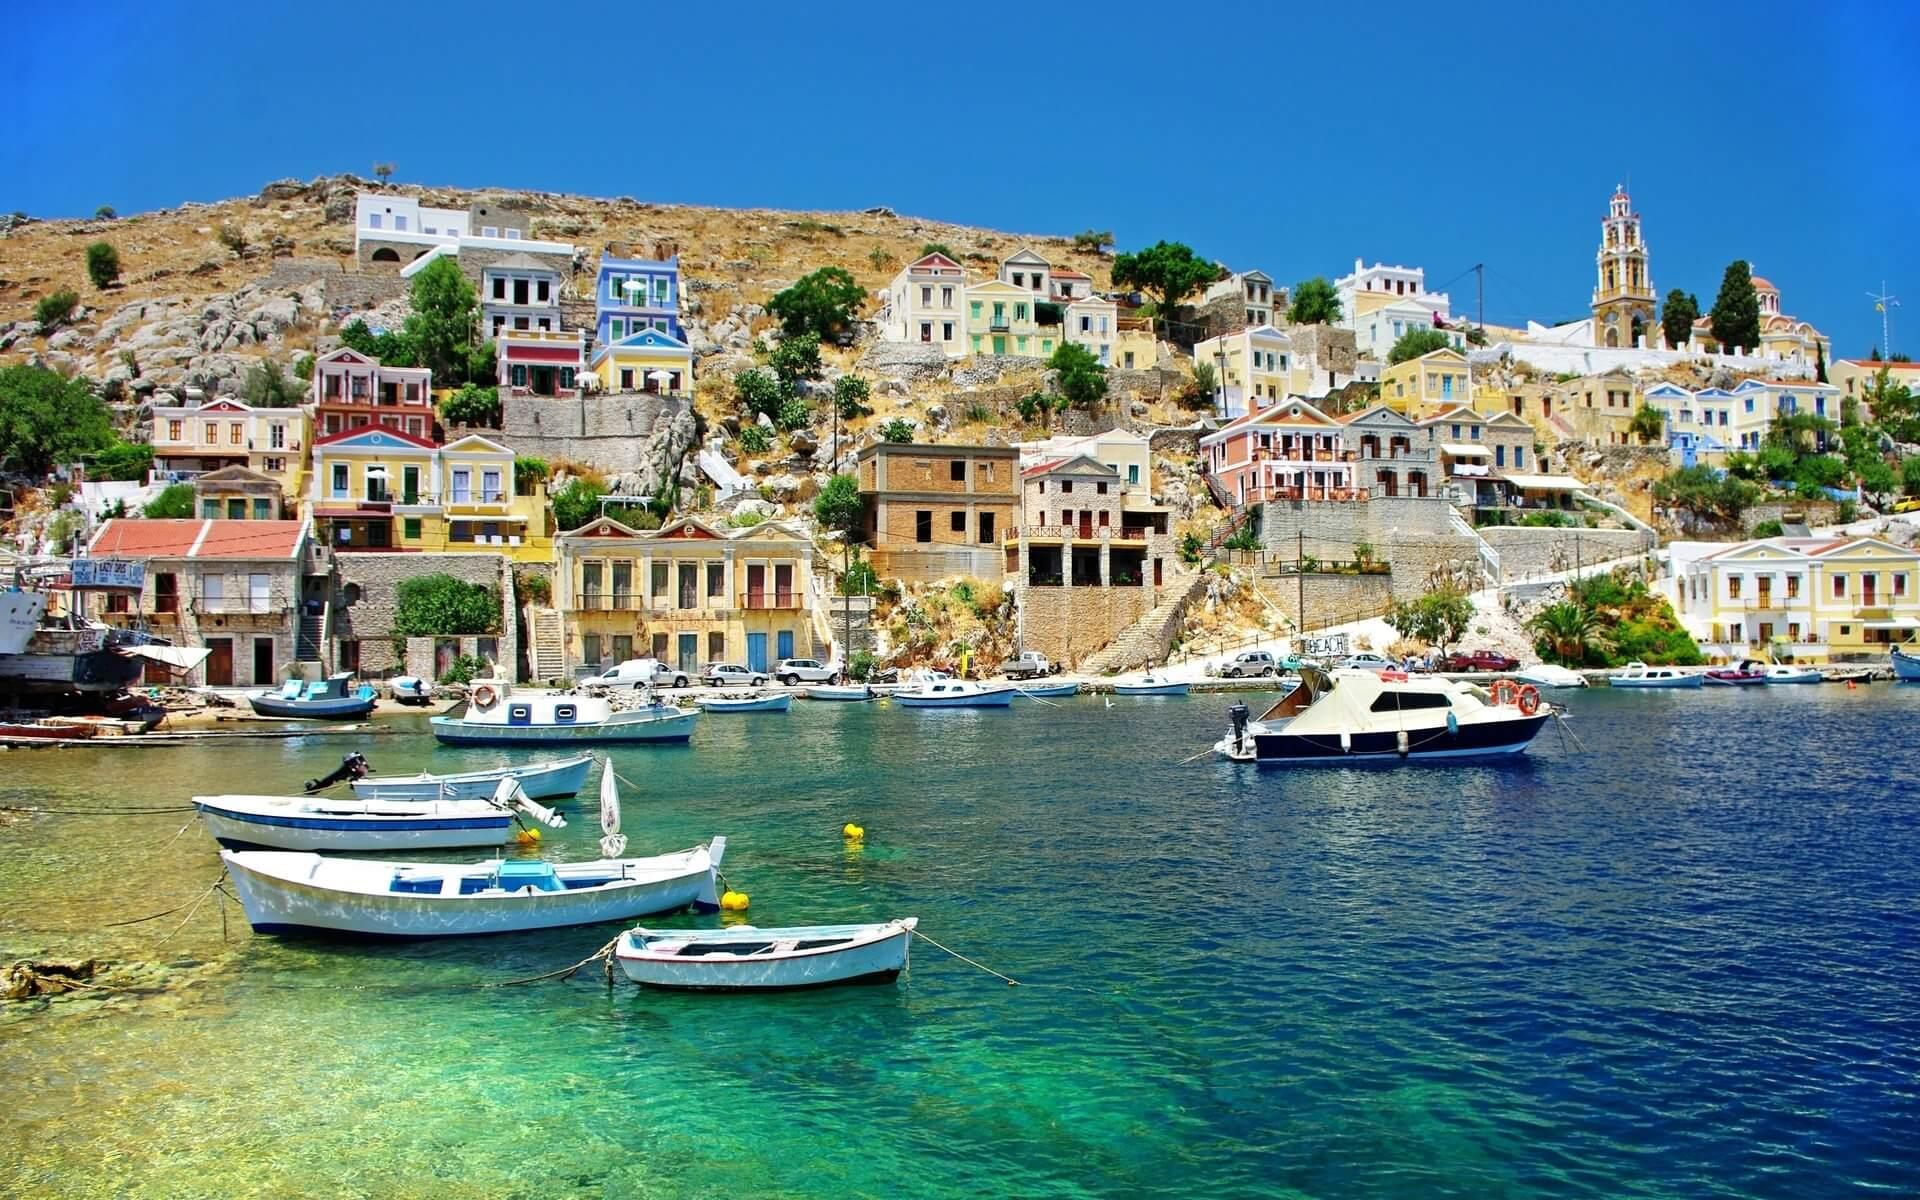 Island Symi Sponge of Aegean Sea